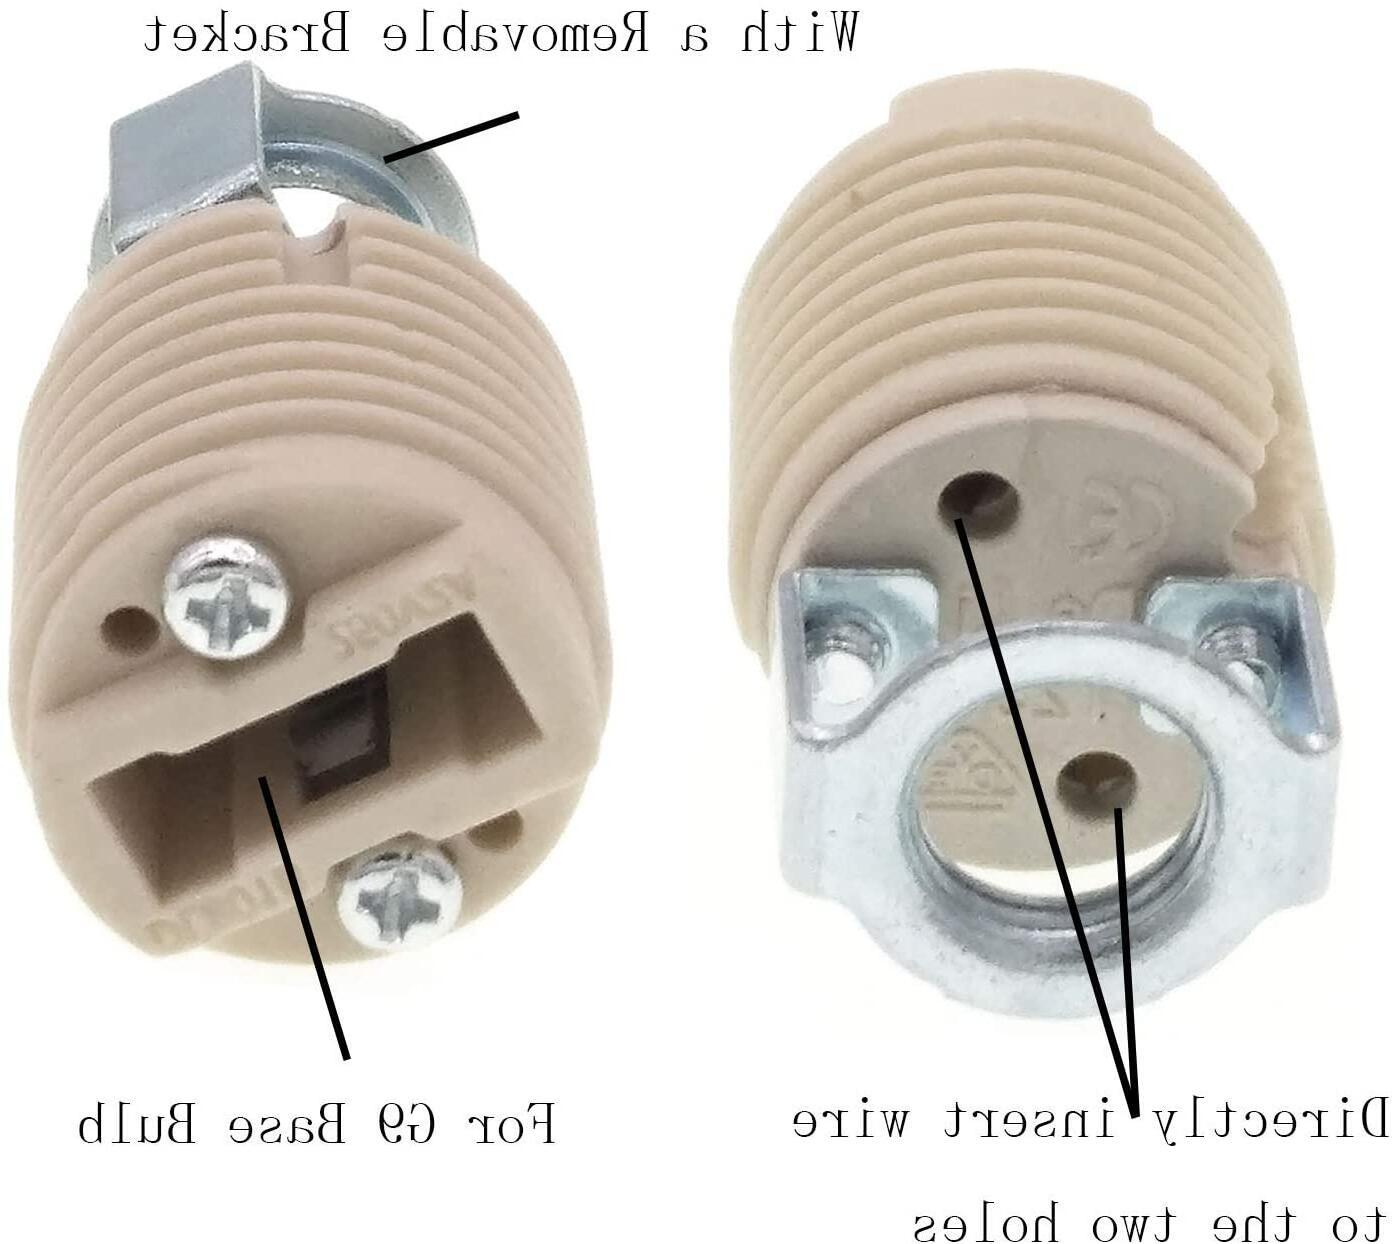 Quelle est la précaution à prendre pour manipuler une ampoule halogène ?